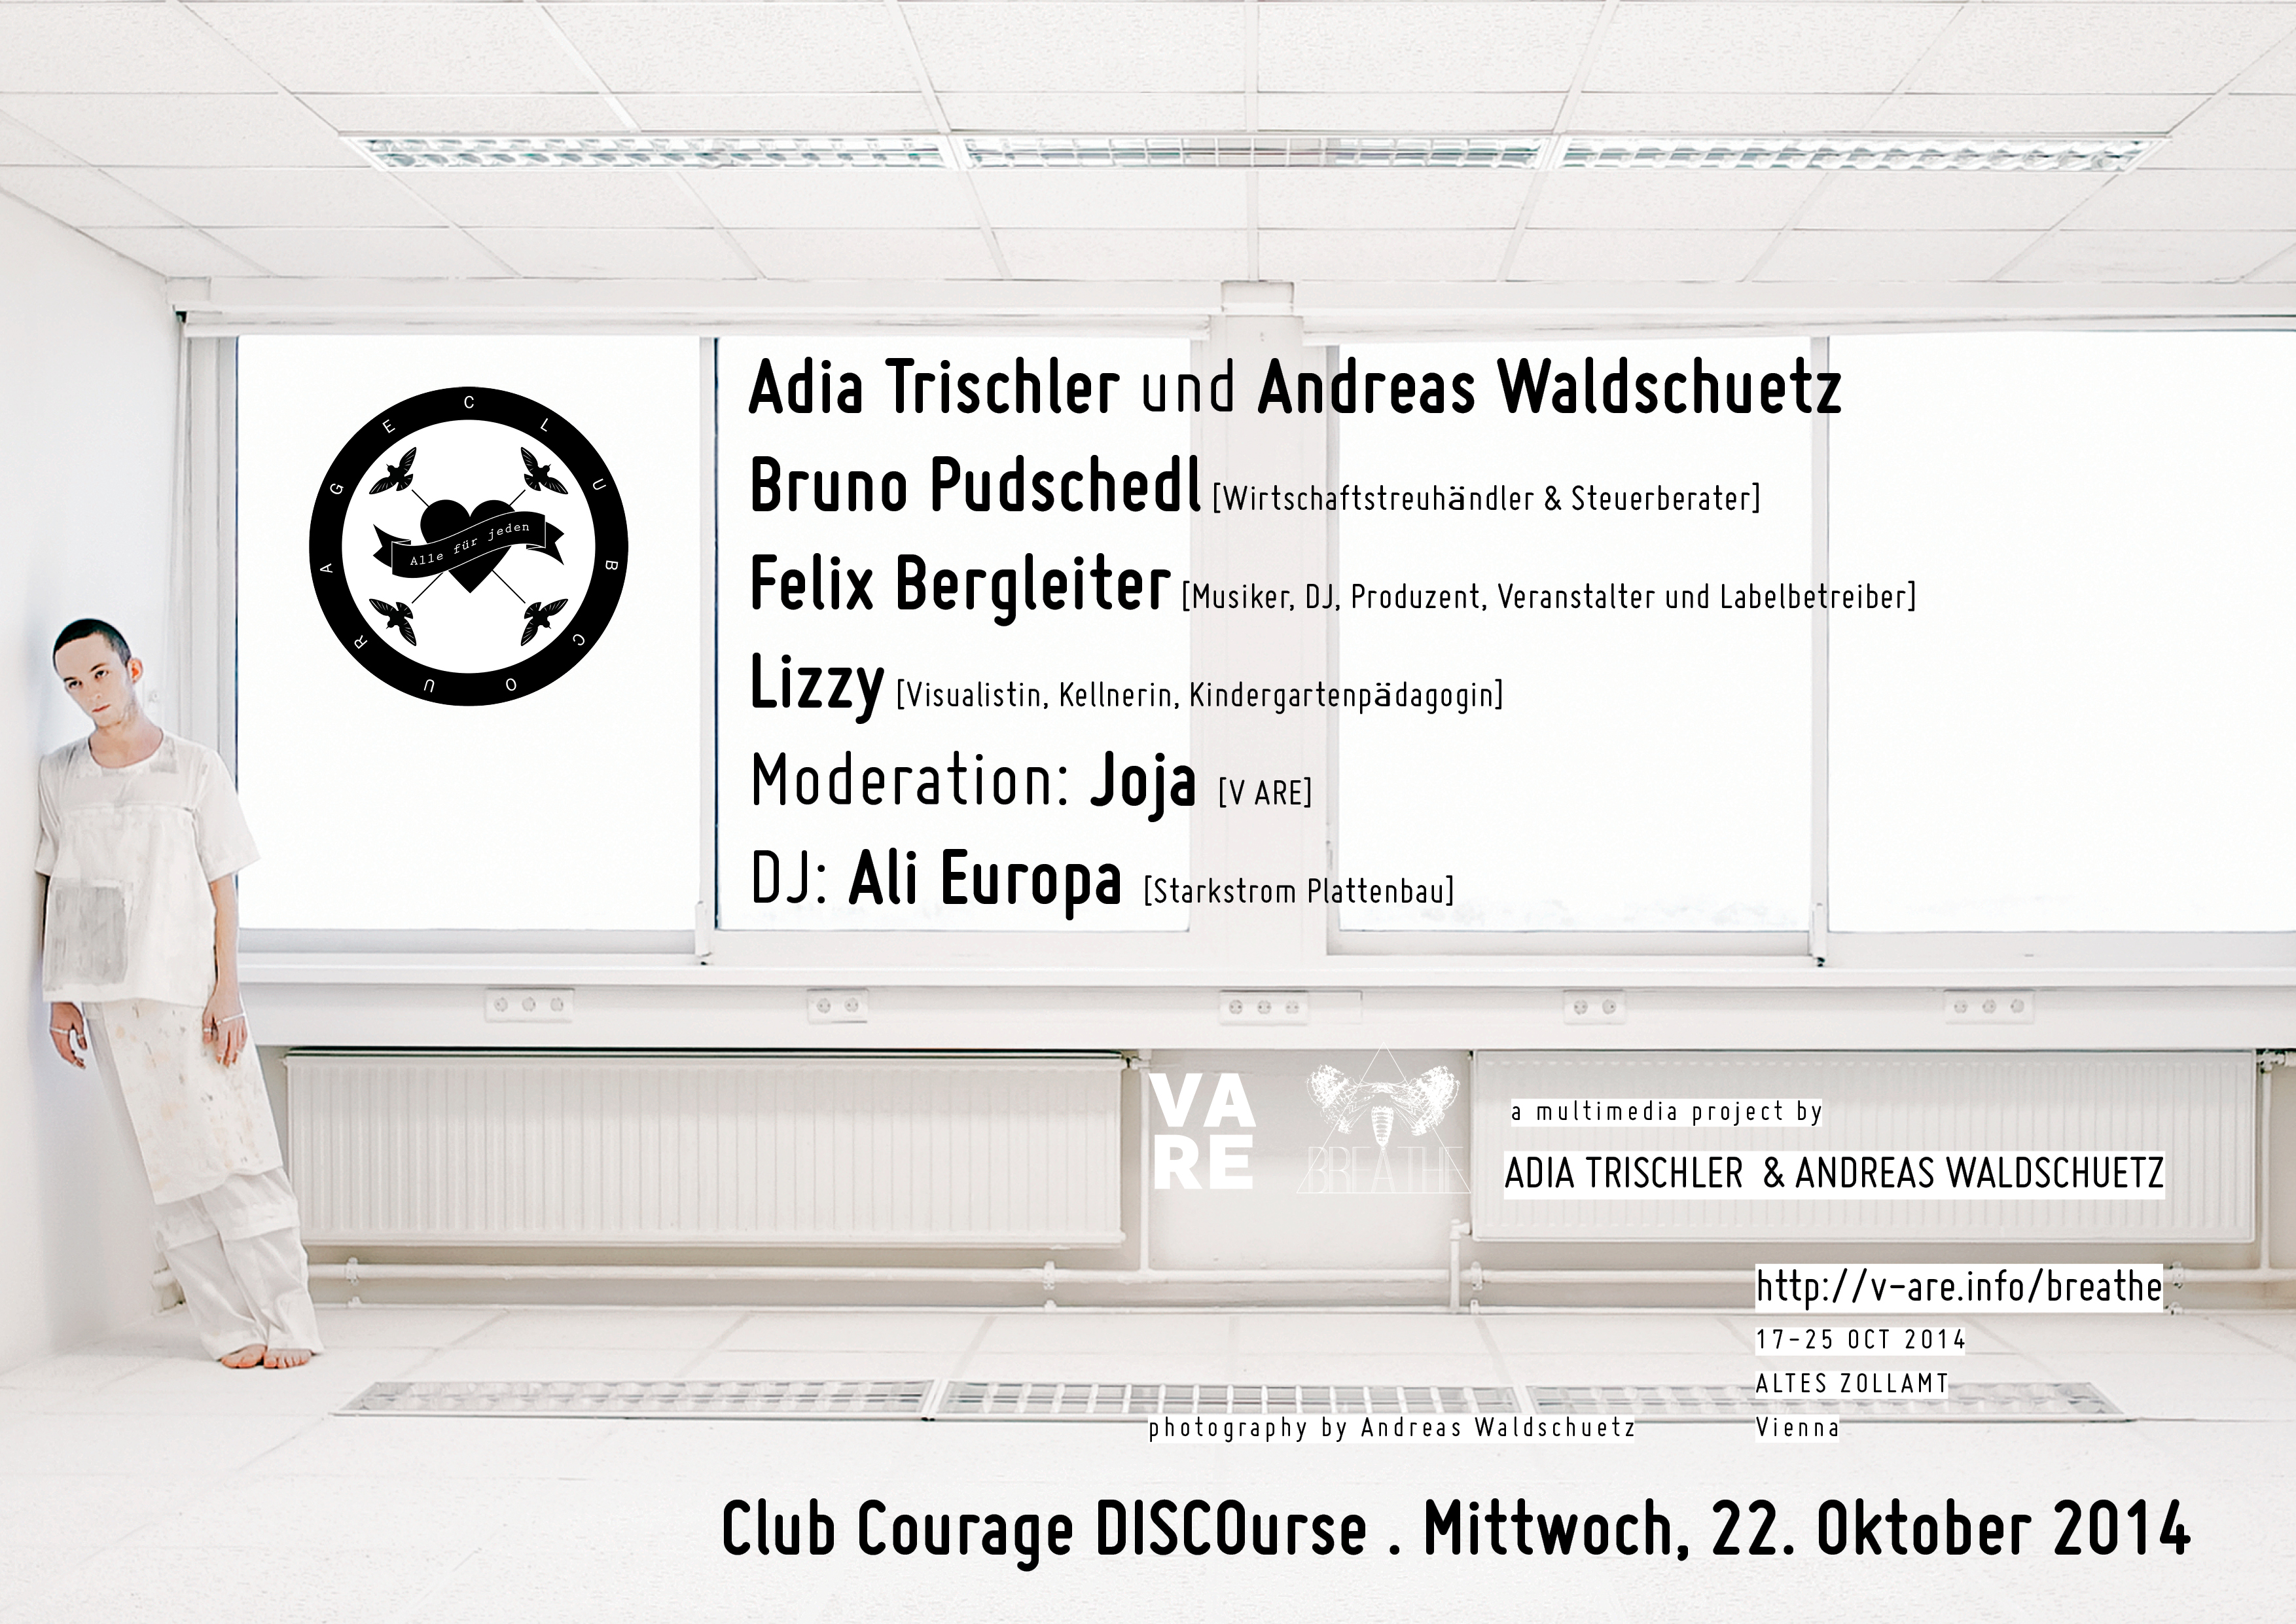 V ARE Adia Trischler Andreas Waldschuetz Felix Bergleiter Bruno Pudschedl Lizzy Ali Europa Starkstrom Plattenbau Praterei Club Courage